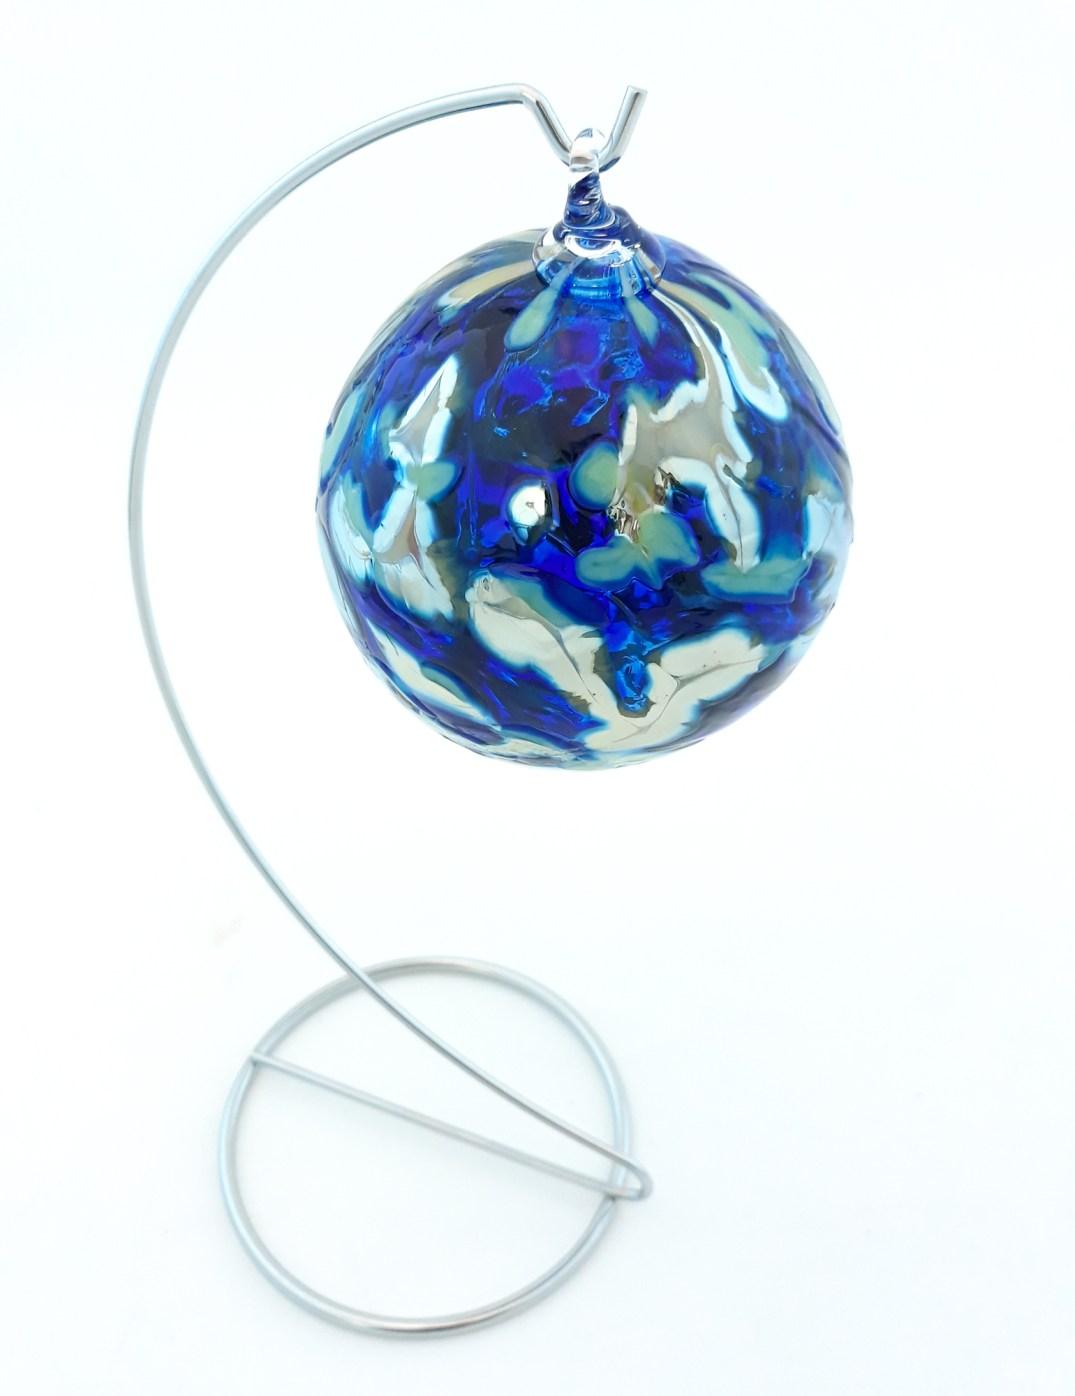 Adornment Ornament